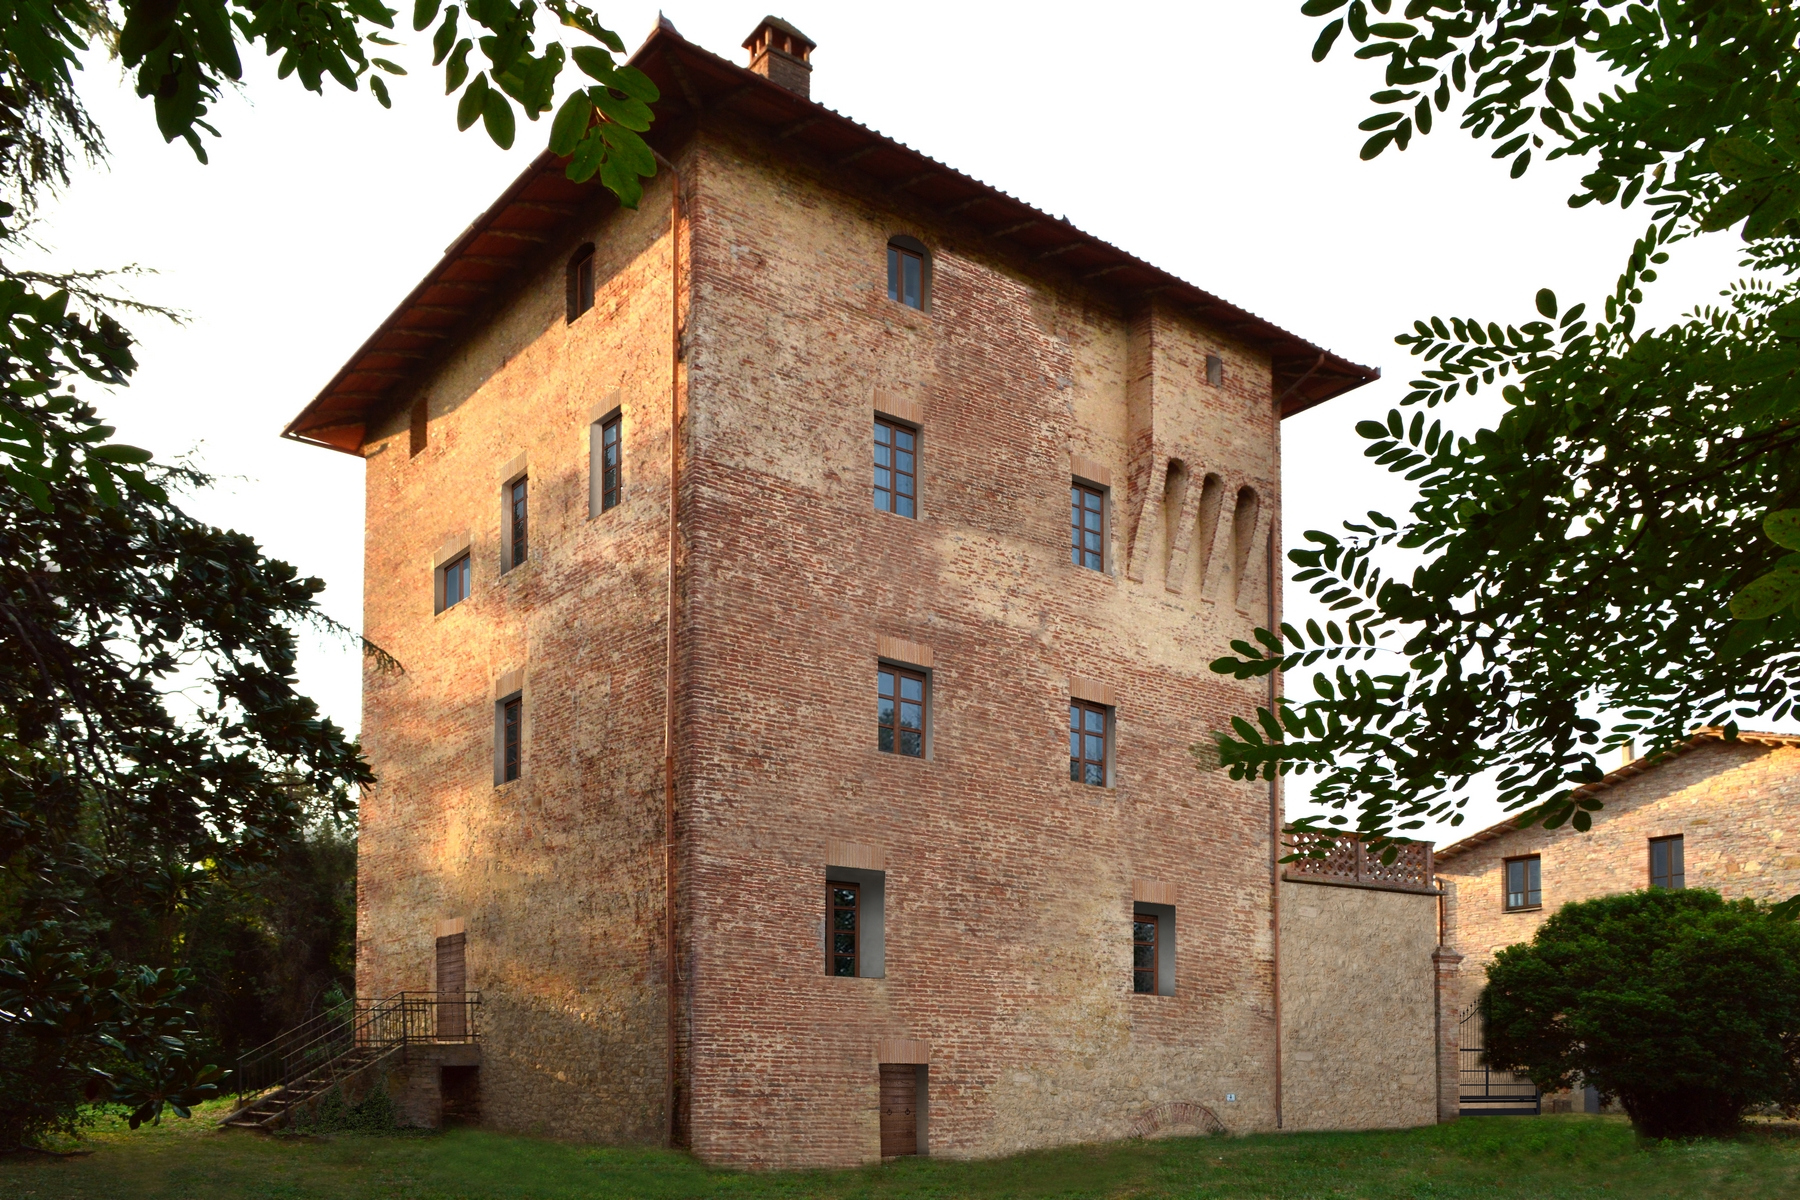 Rustico in Vendita a Marsciano: 5 locali, 1500 mq - Foto 8